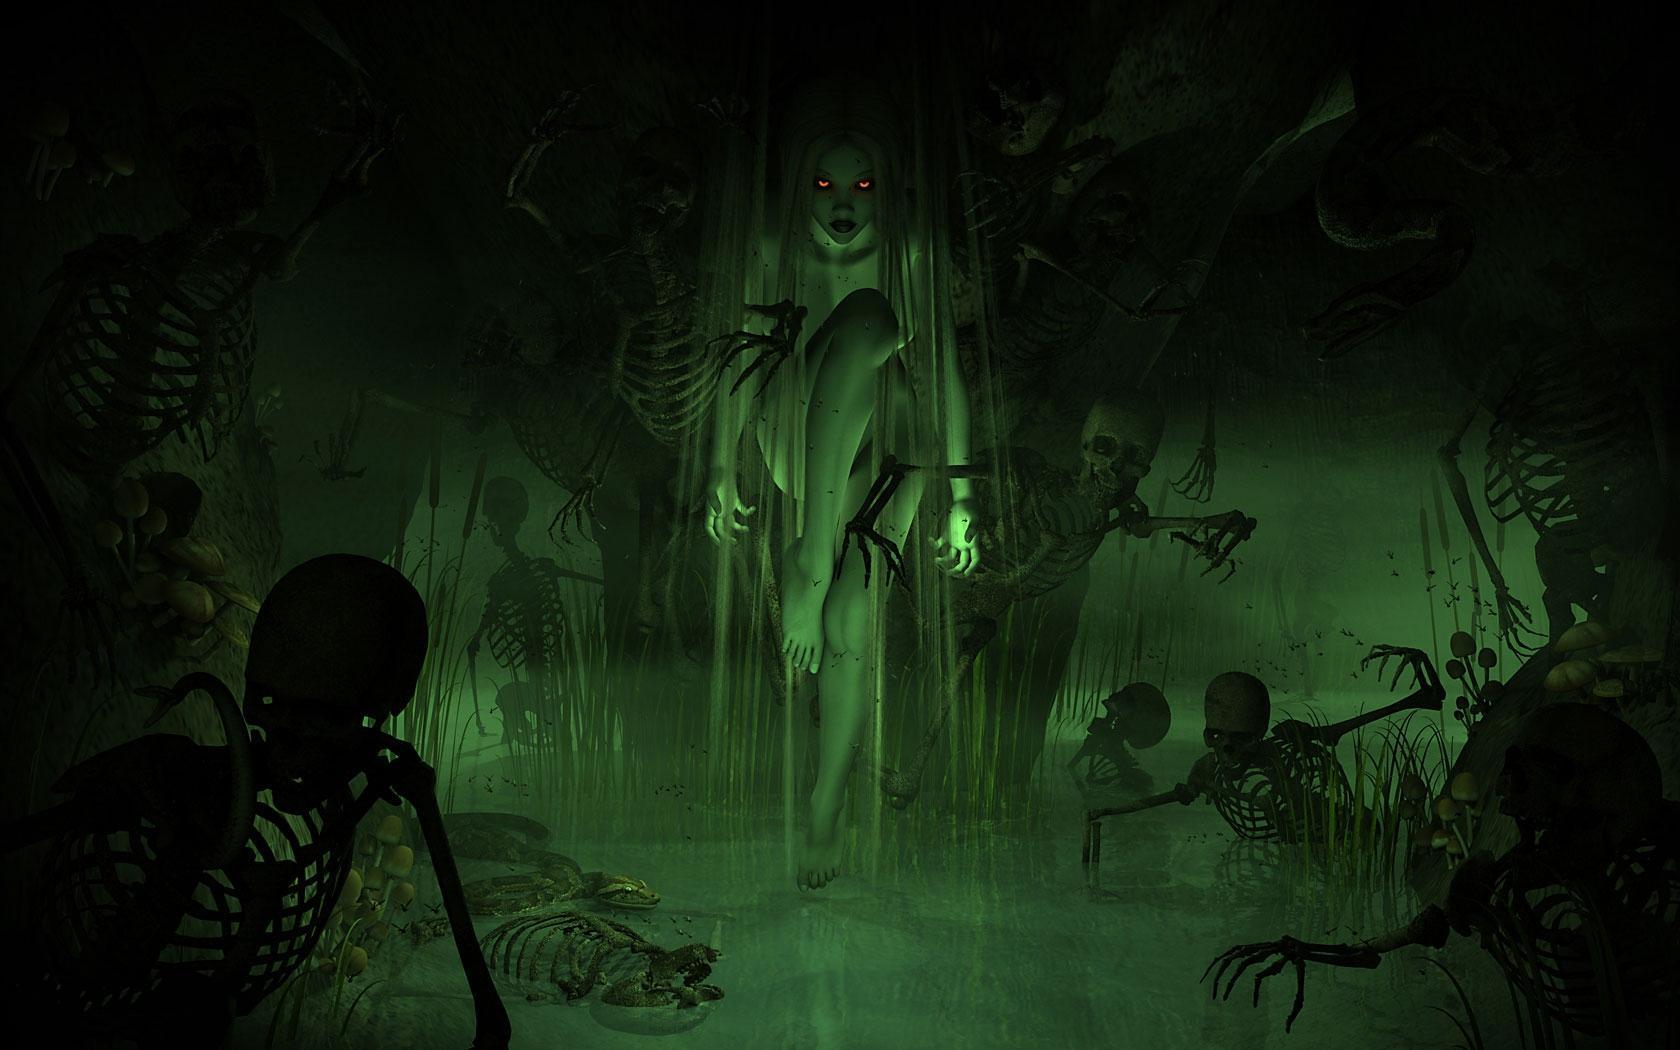 Hd Dark Horror Evil Women Girl Swamp Demon Skeleton - Fantasy Swamp Witch - HD Wallpaper